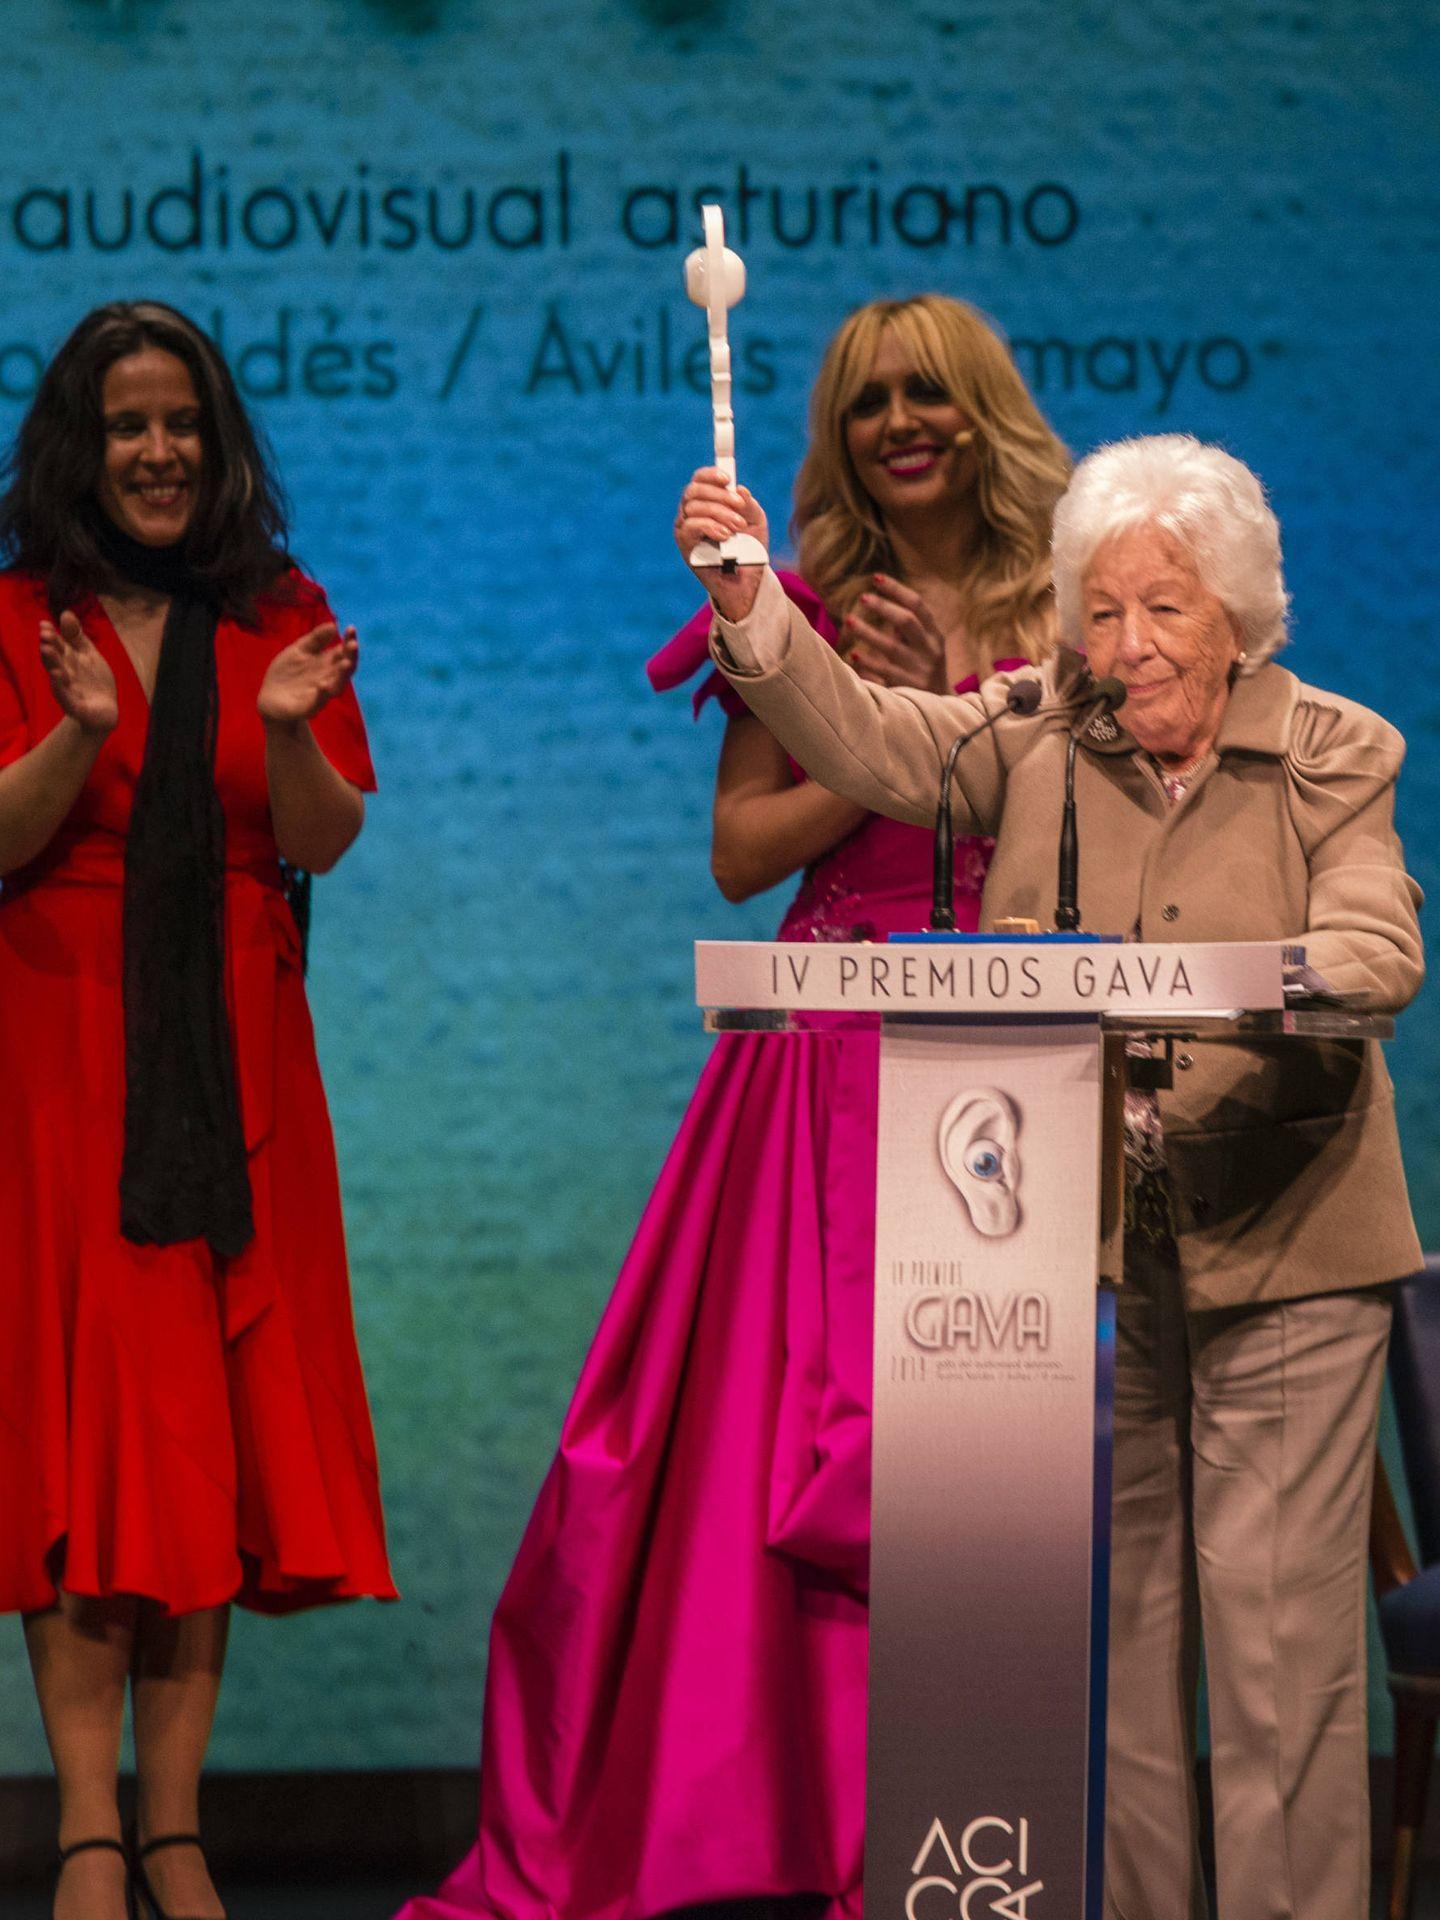 Menchu Álvarez, recogiendo el premio Gavá el pasado mayo. (Lagencia Grosby)